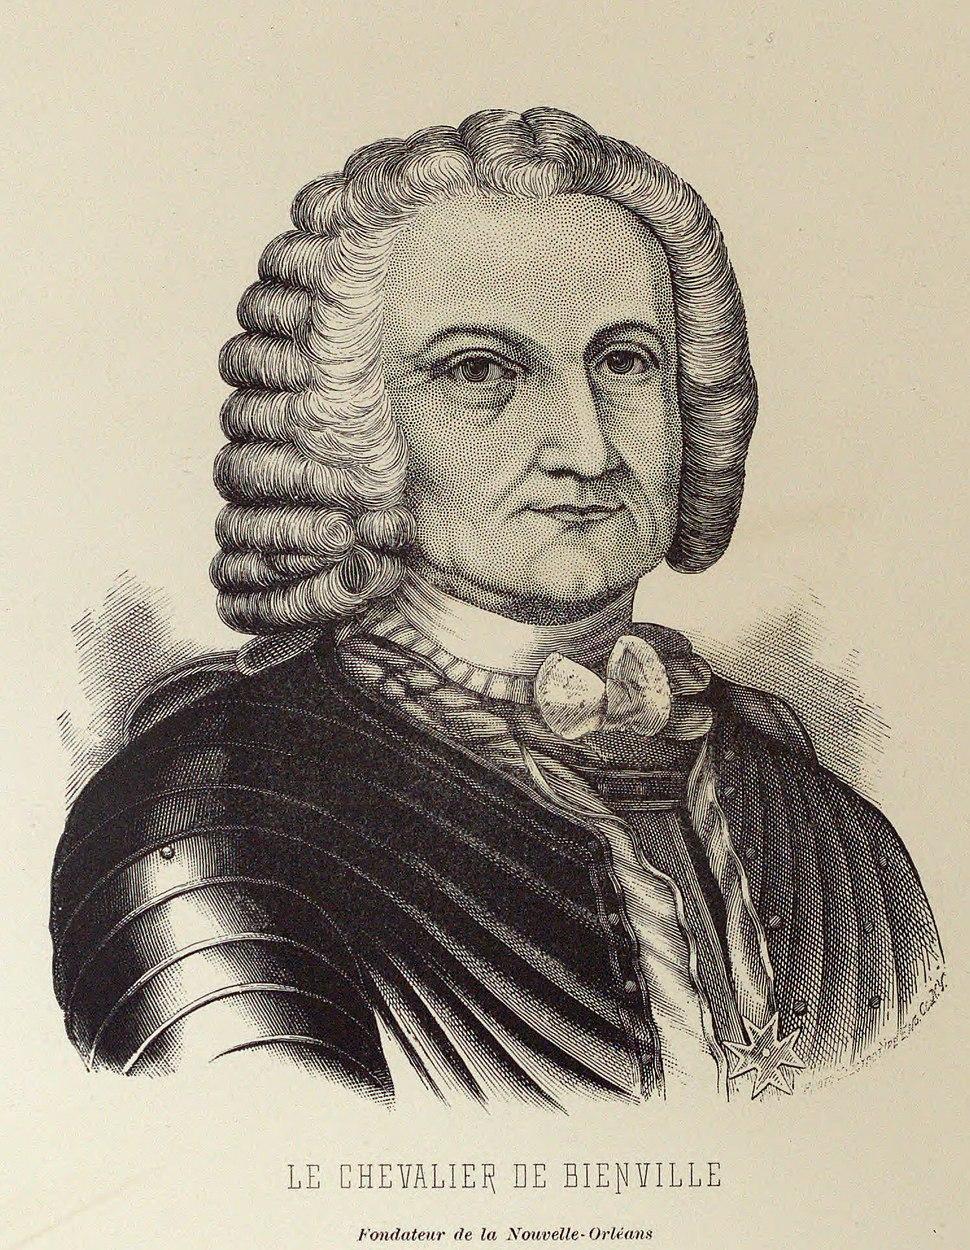 Jean-Baptiste Le Moyne